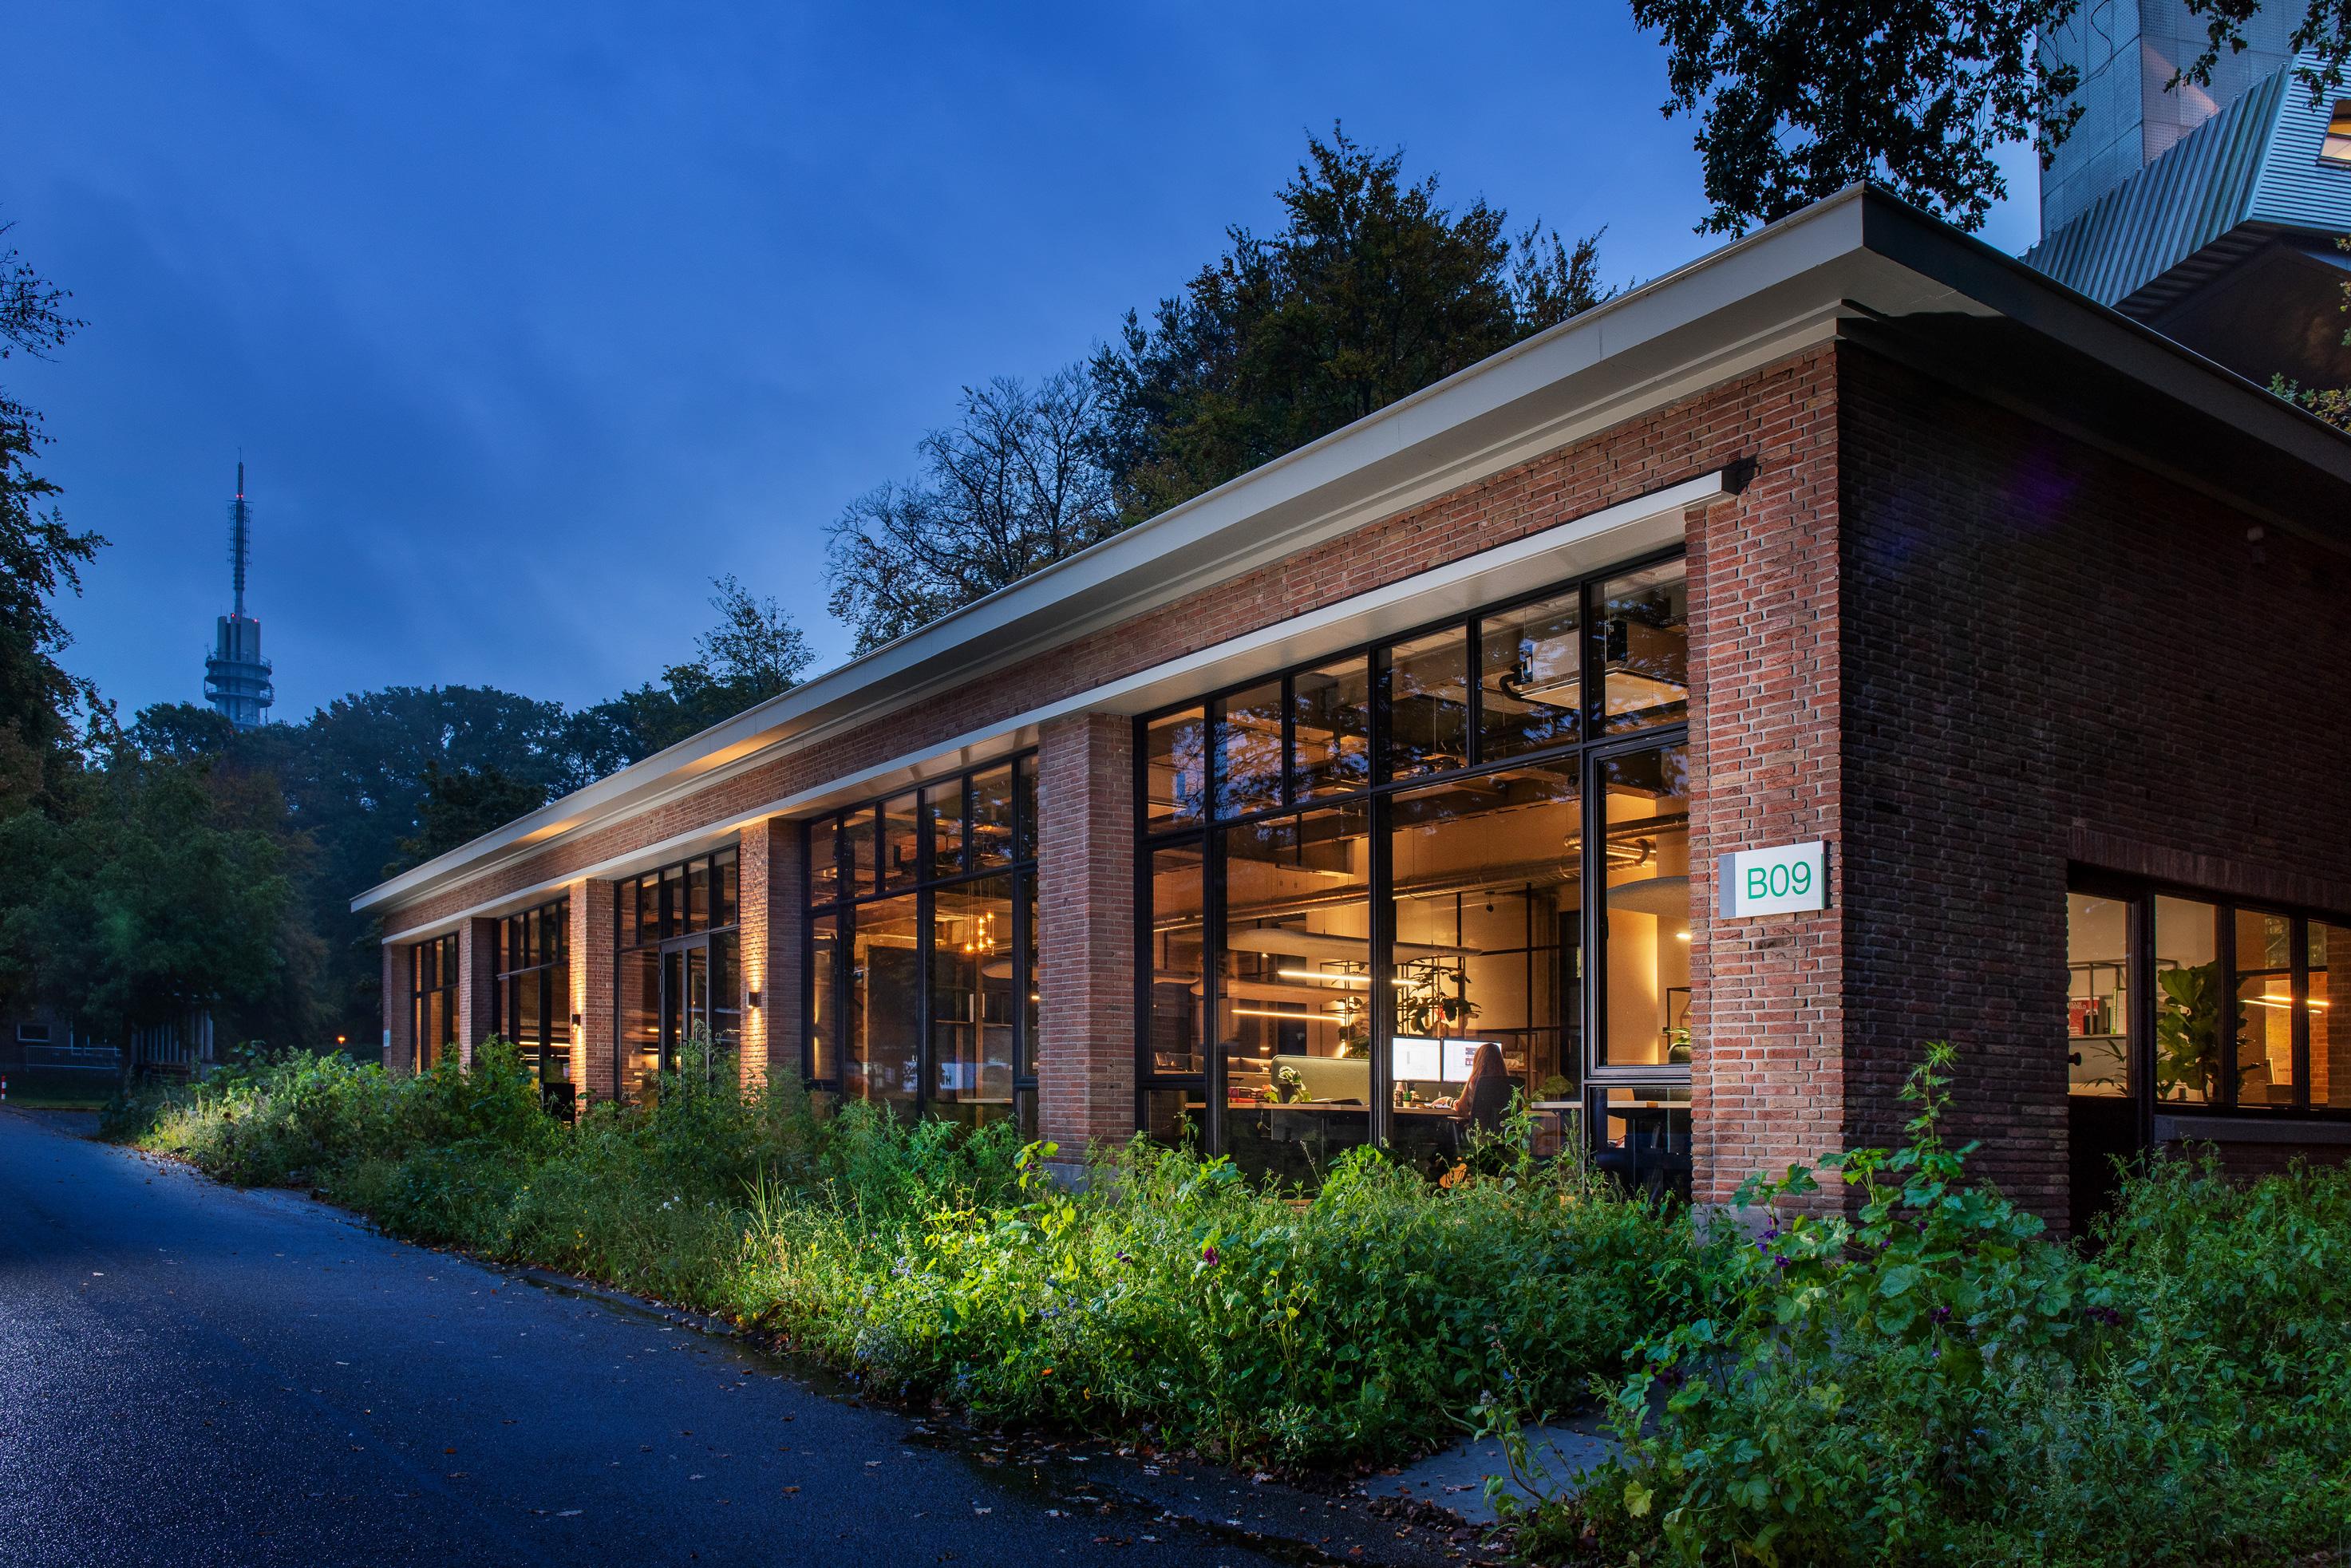 Arnhems-Buiten_kantoor_Weusten-Liedenbaum-Architecten